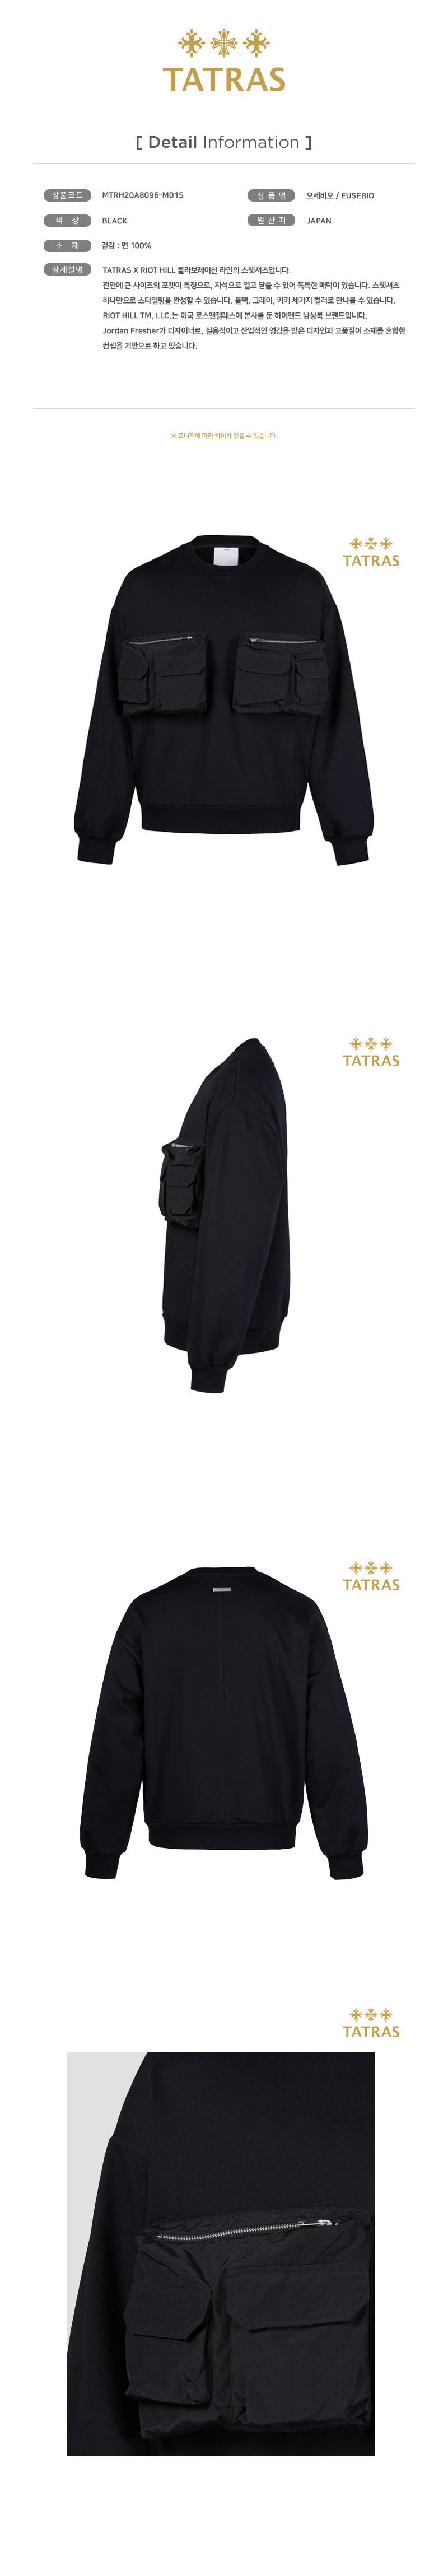 타트라스(TATRAS) 남성 스웻셔츠 으세비오RIOT HILL EUSEBIO(MTRH20A8096-MTT01S)